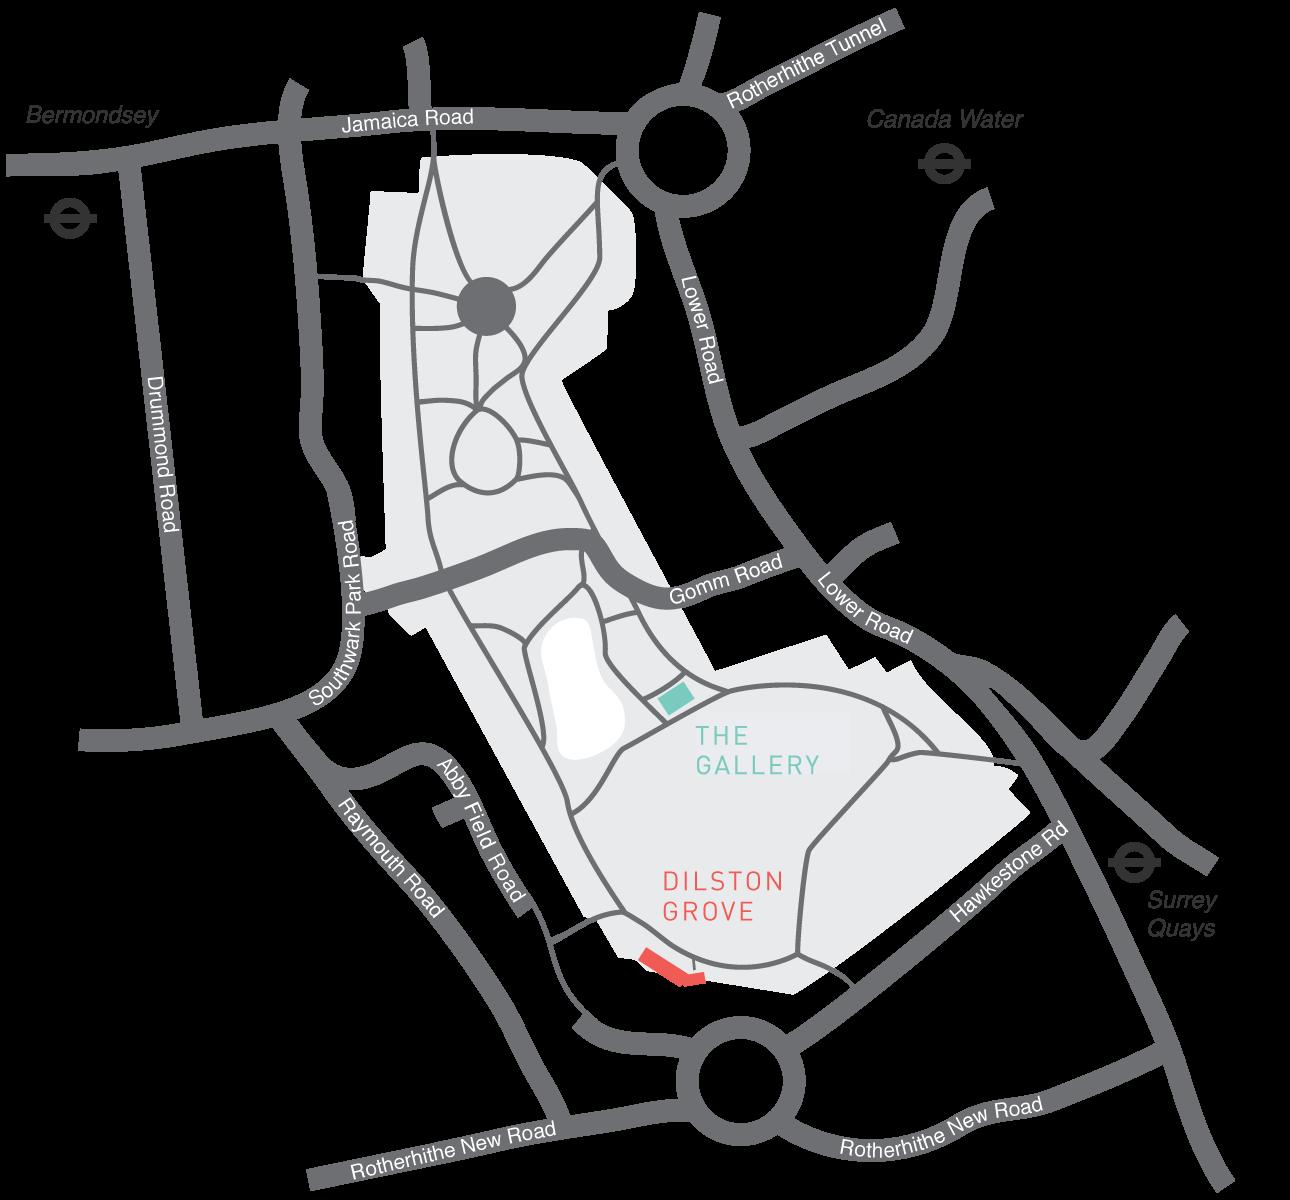 CGP MAP